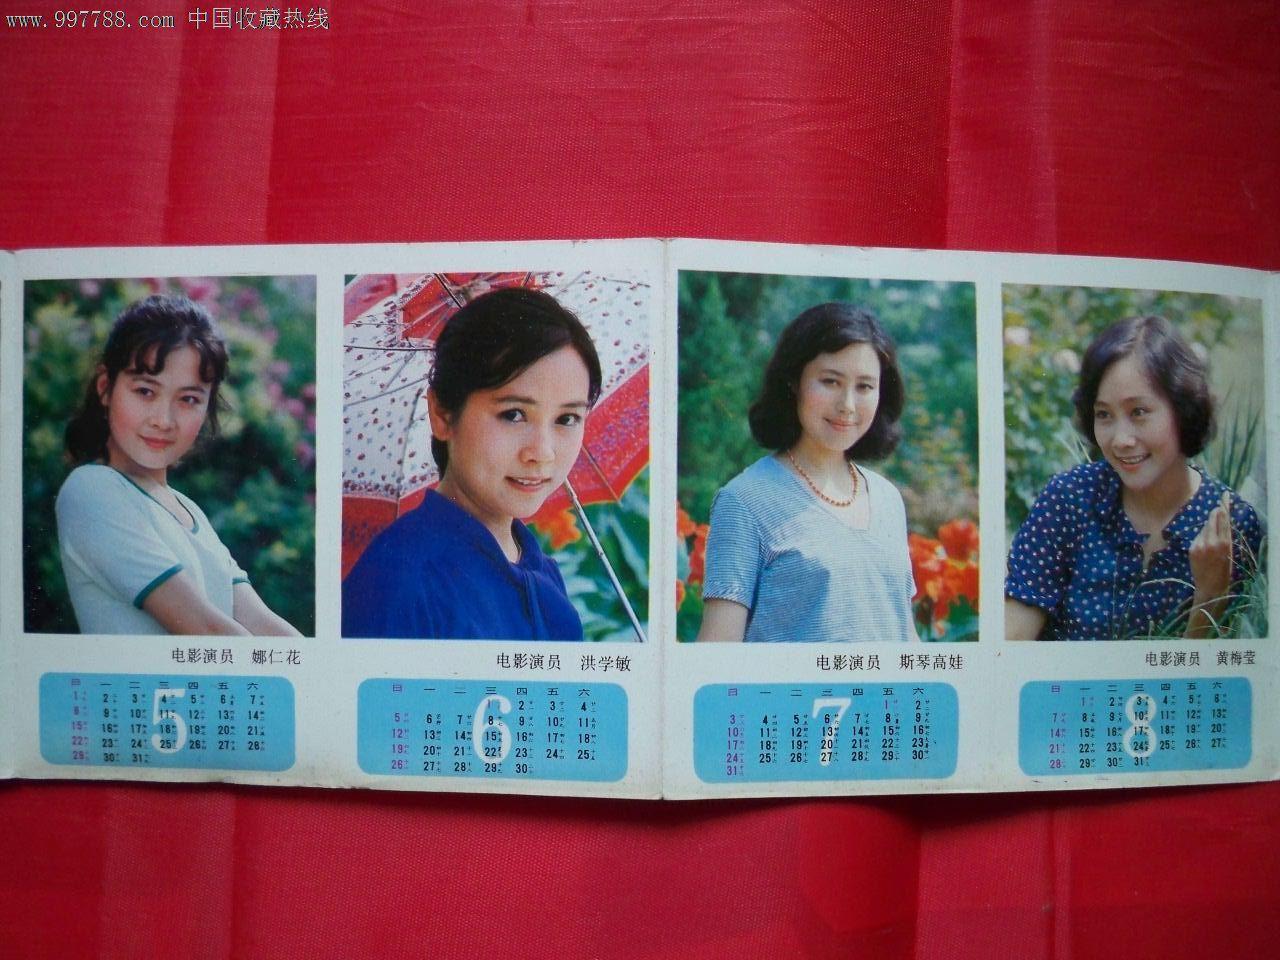 郭凯敏等电影明星83年年历图片